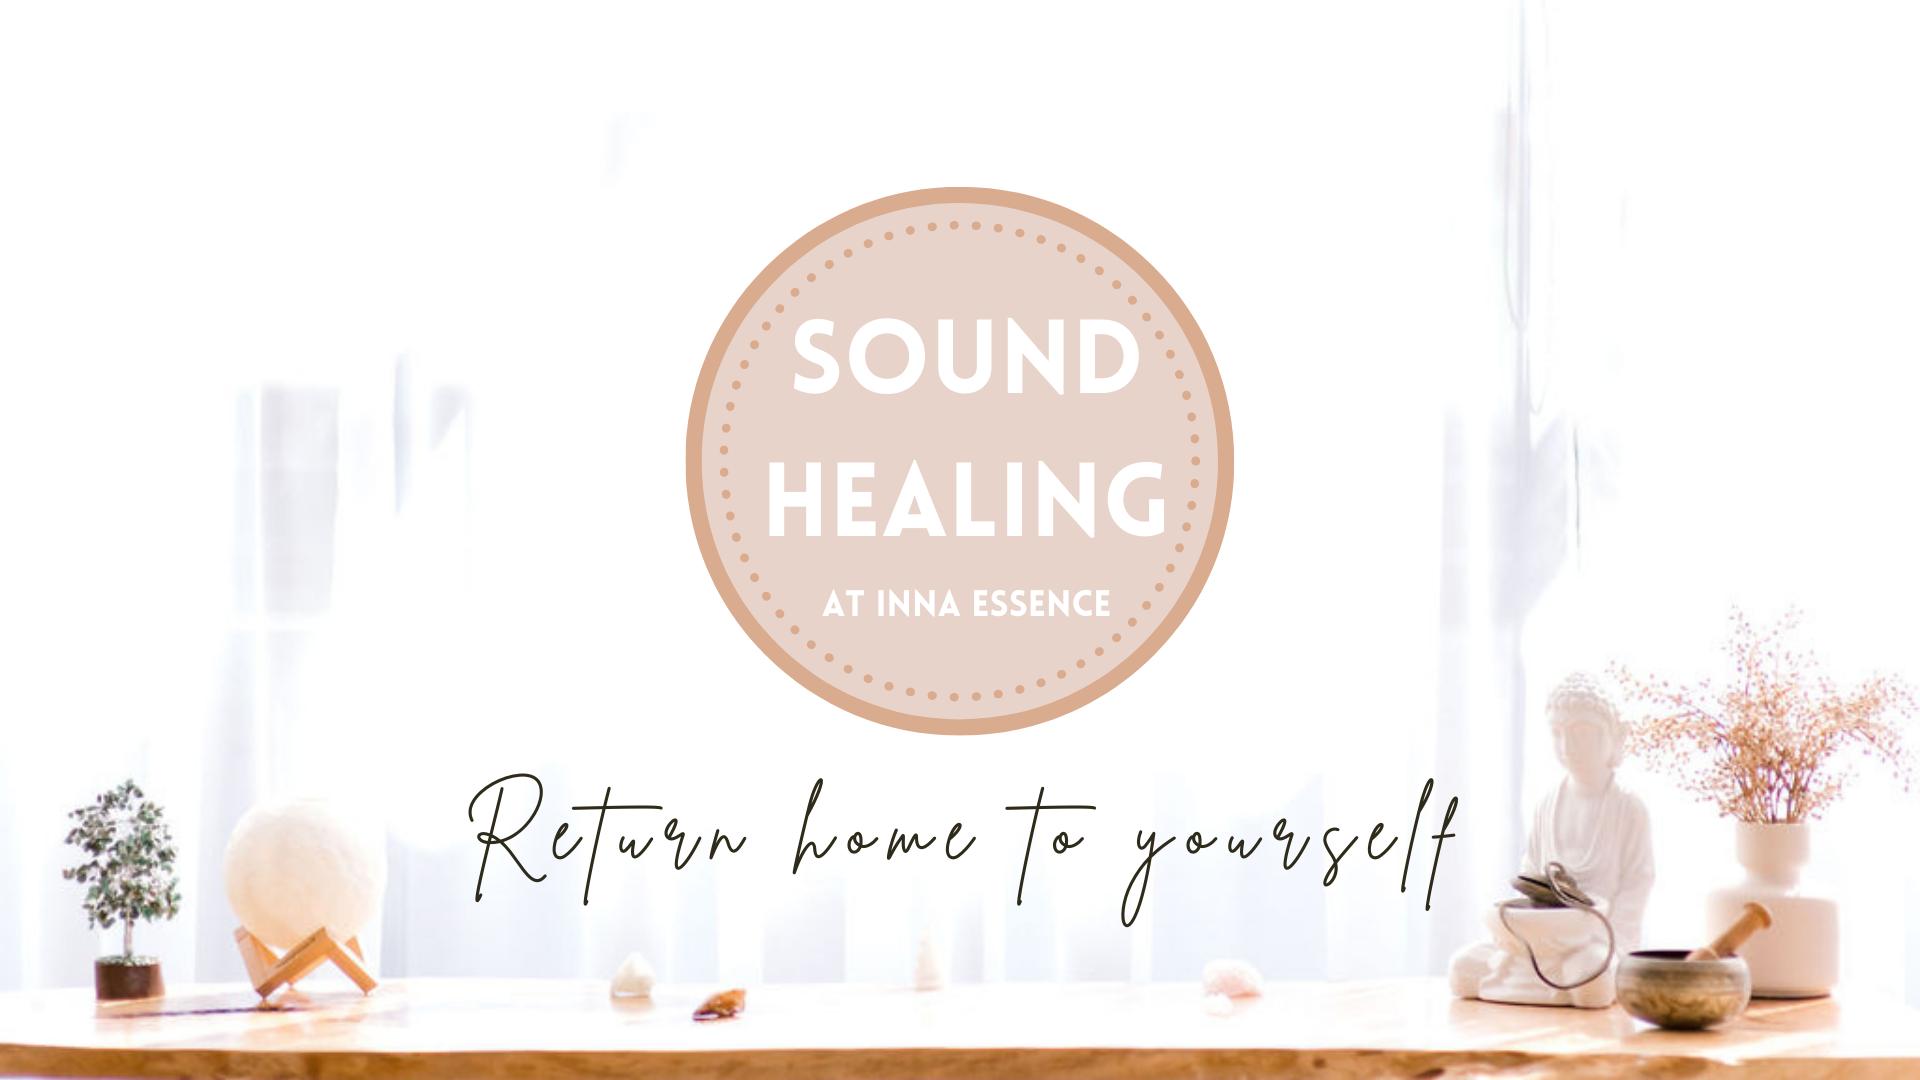 Sound Healing at Inna Essence